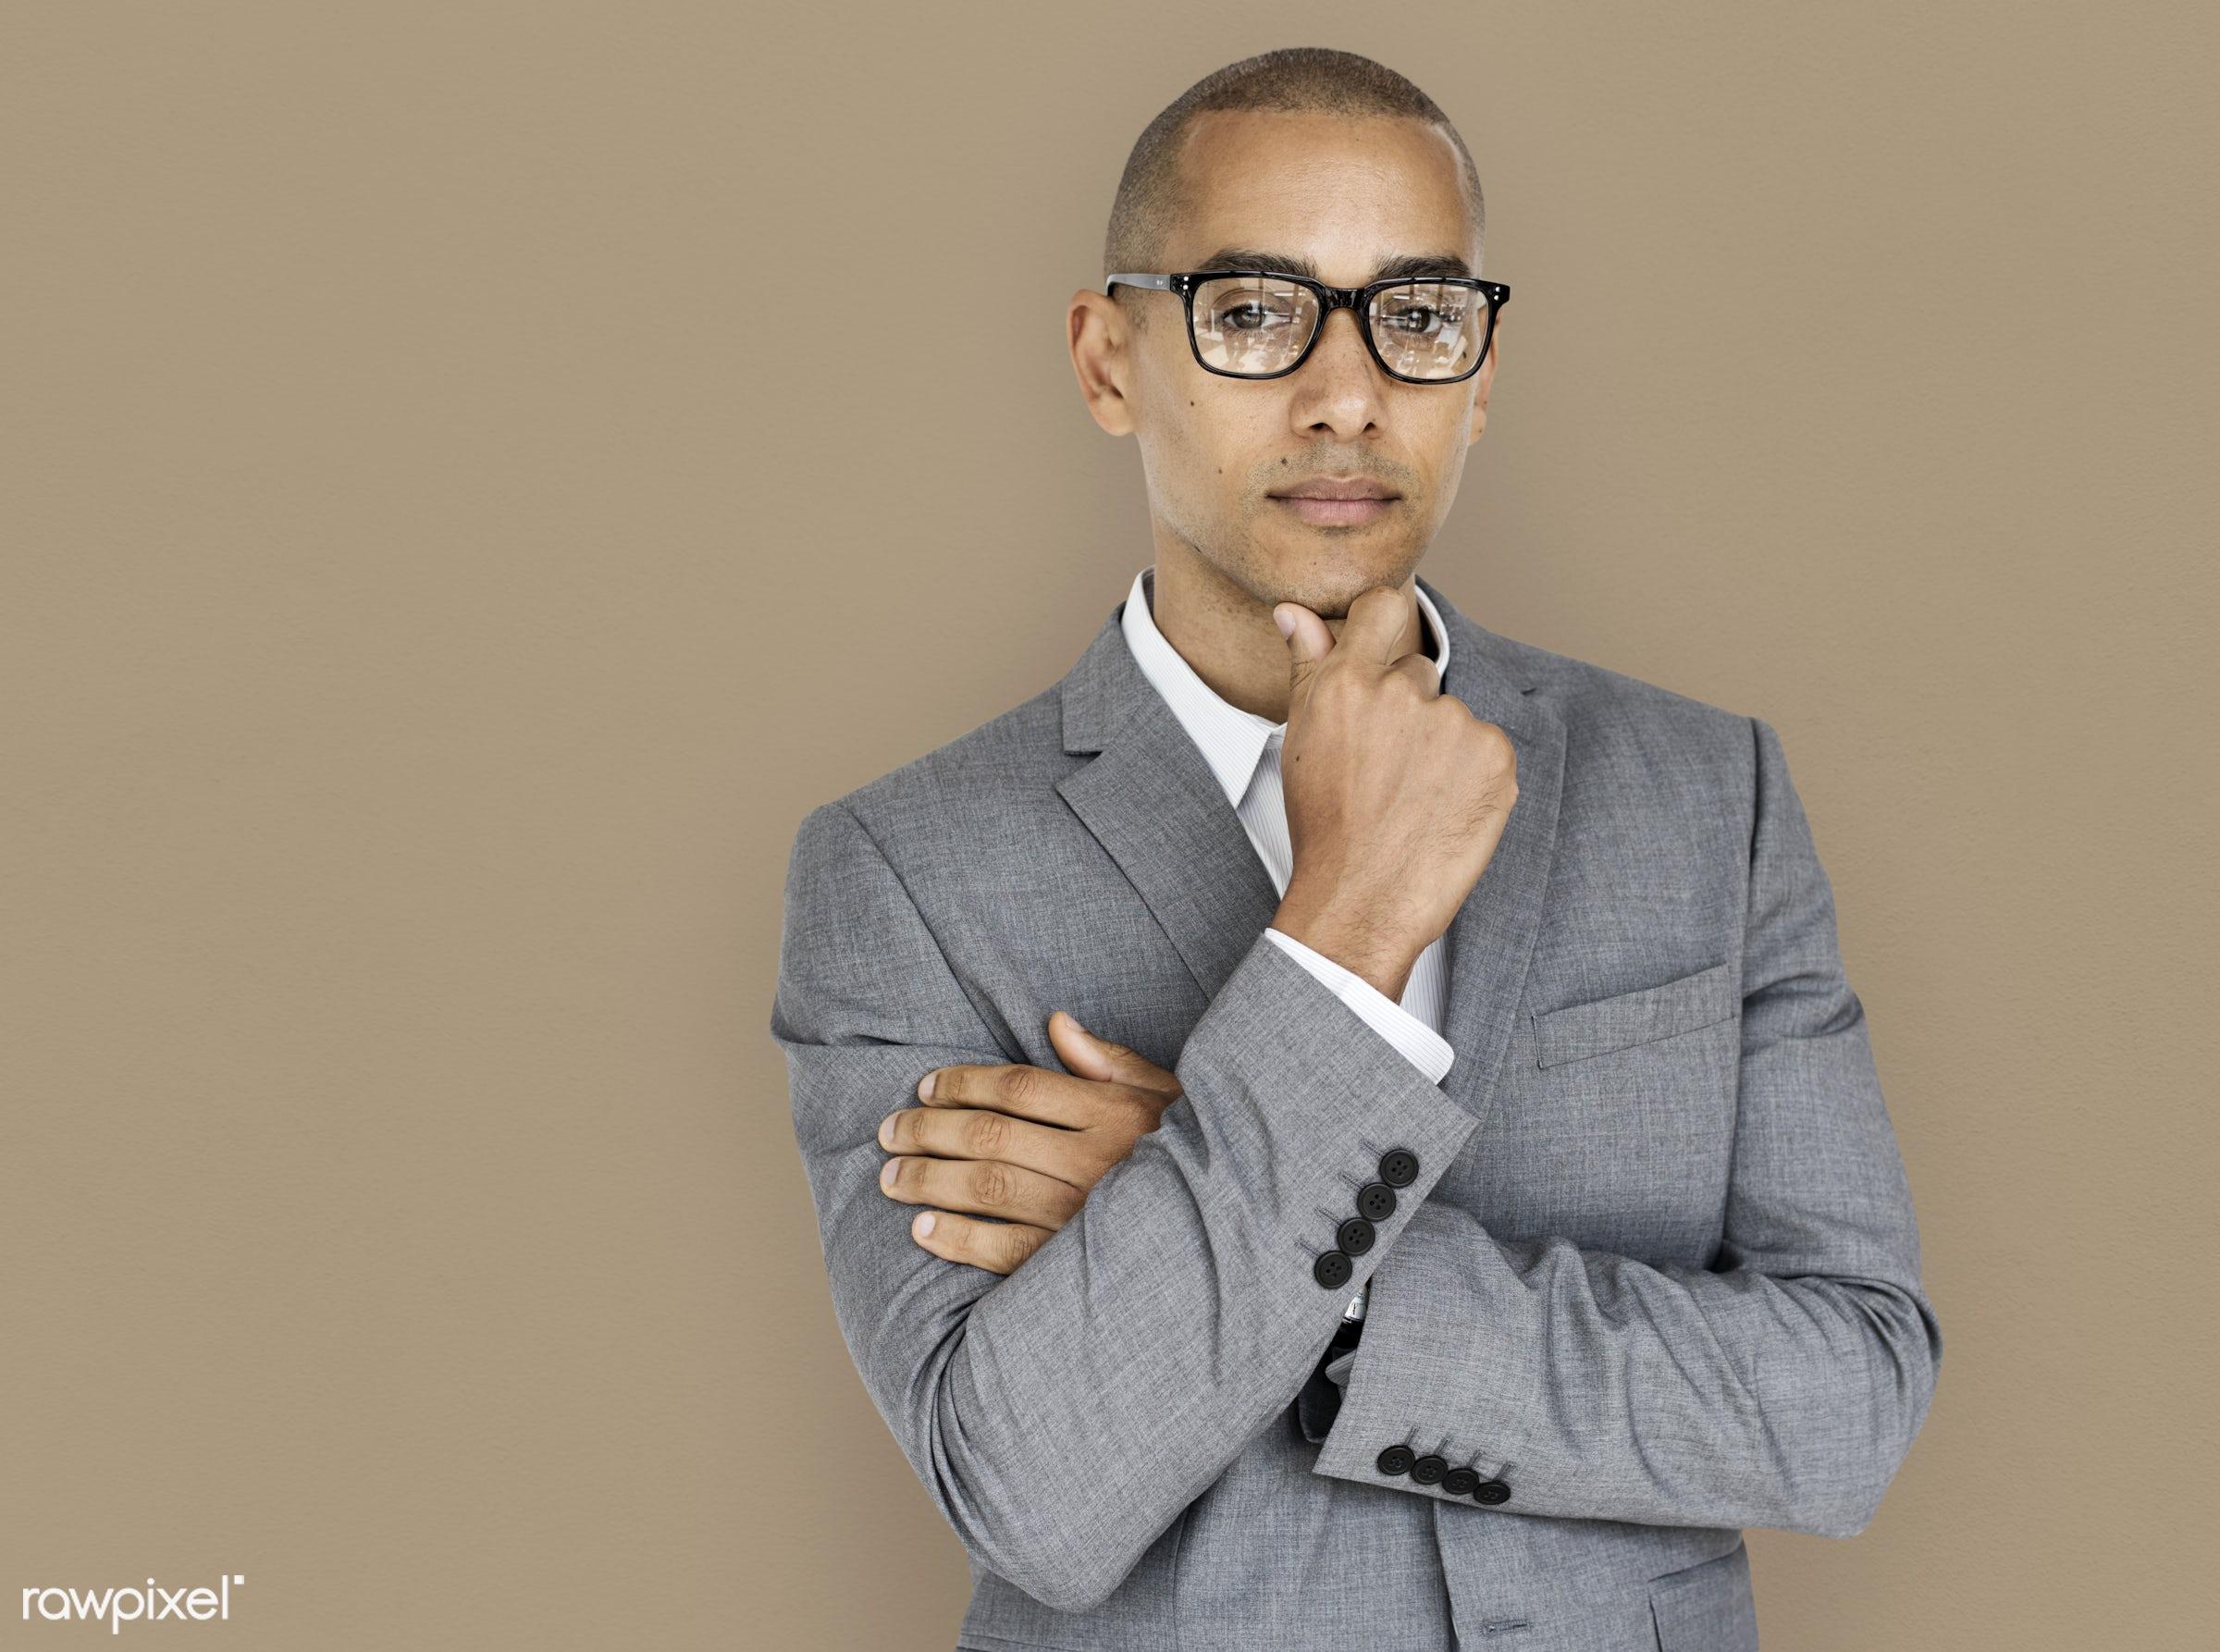 african descent, background, brainstorm, business, business attire, business man, business wear, expression, formal, formal...